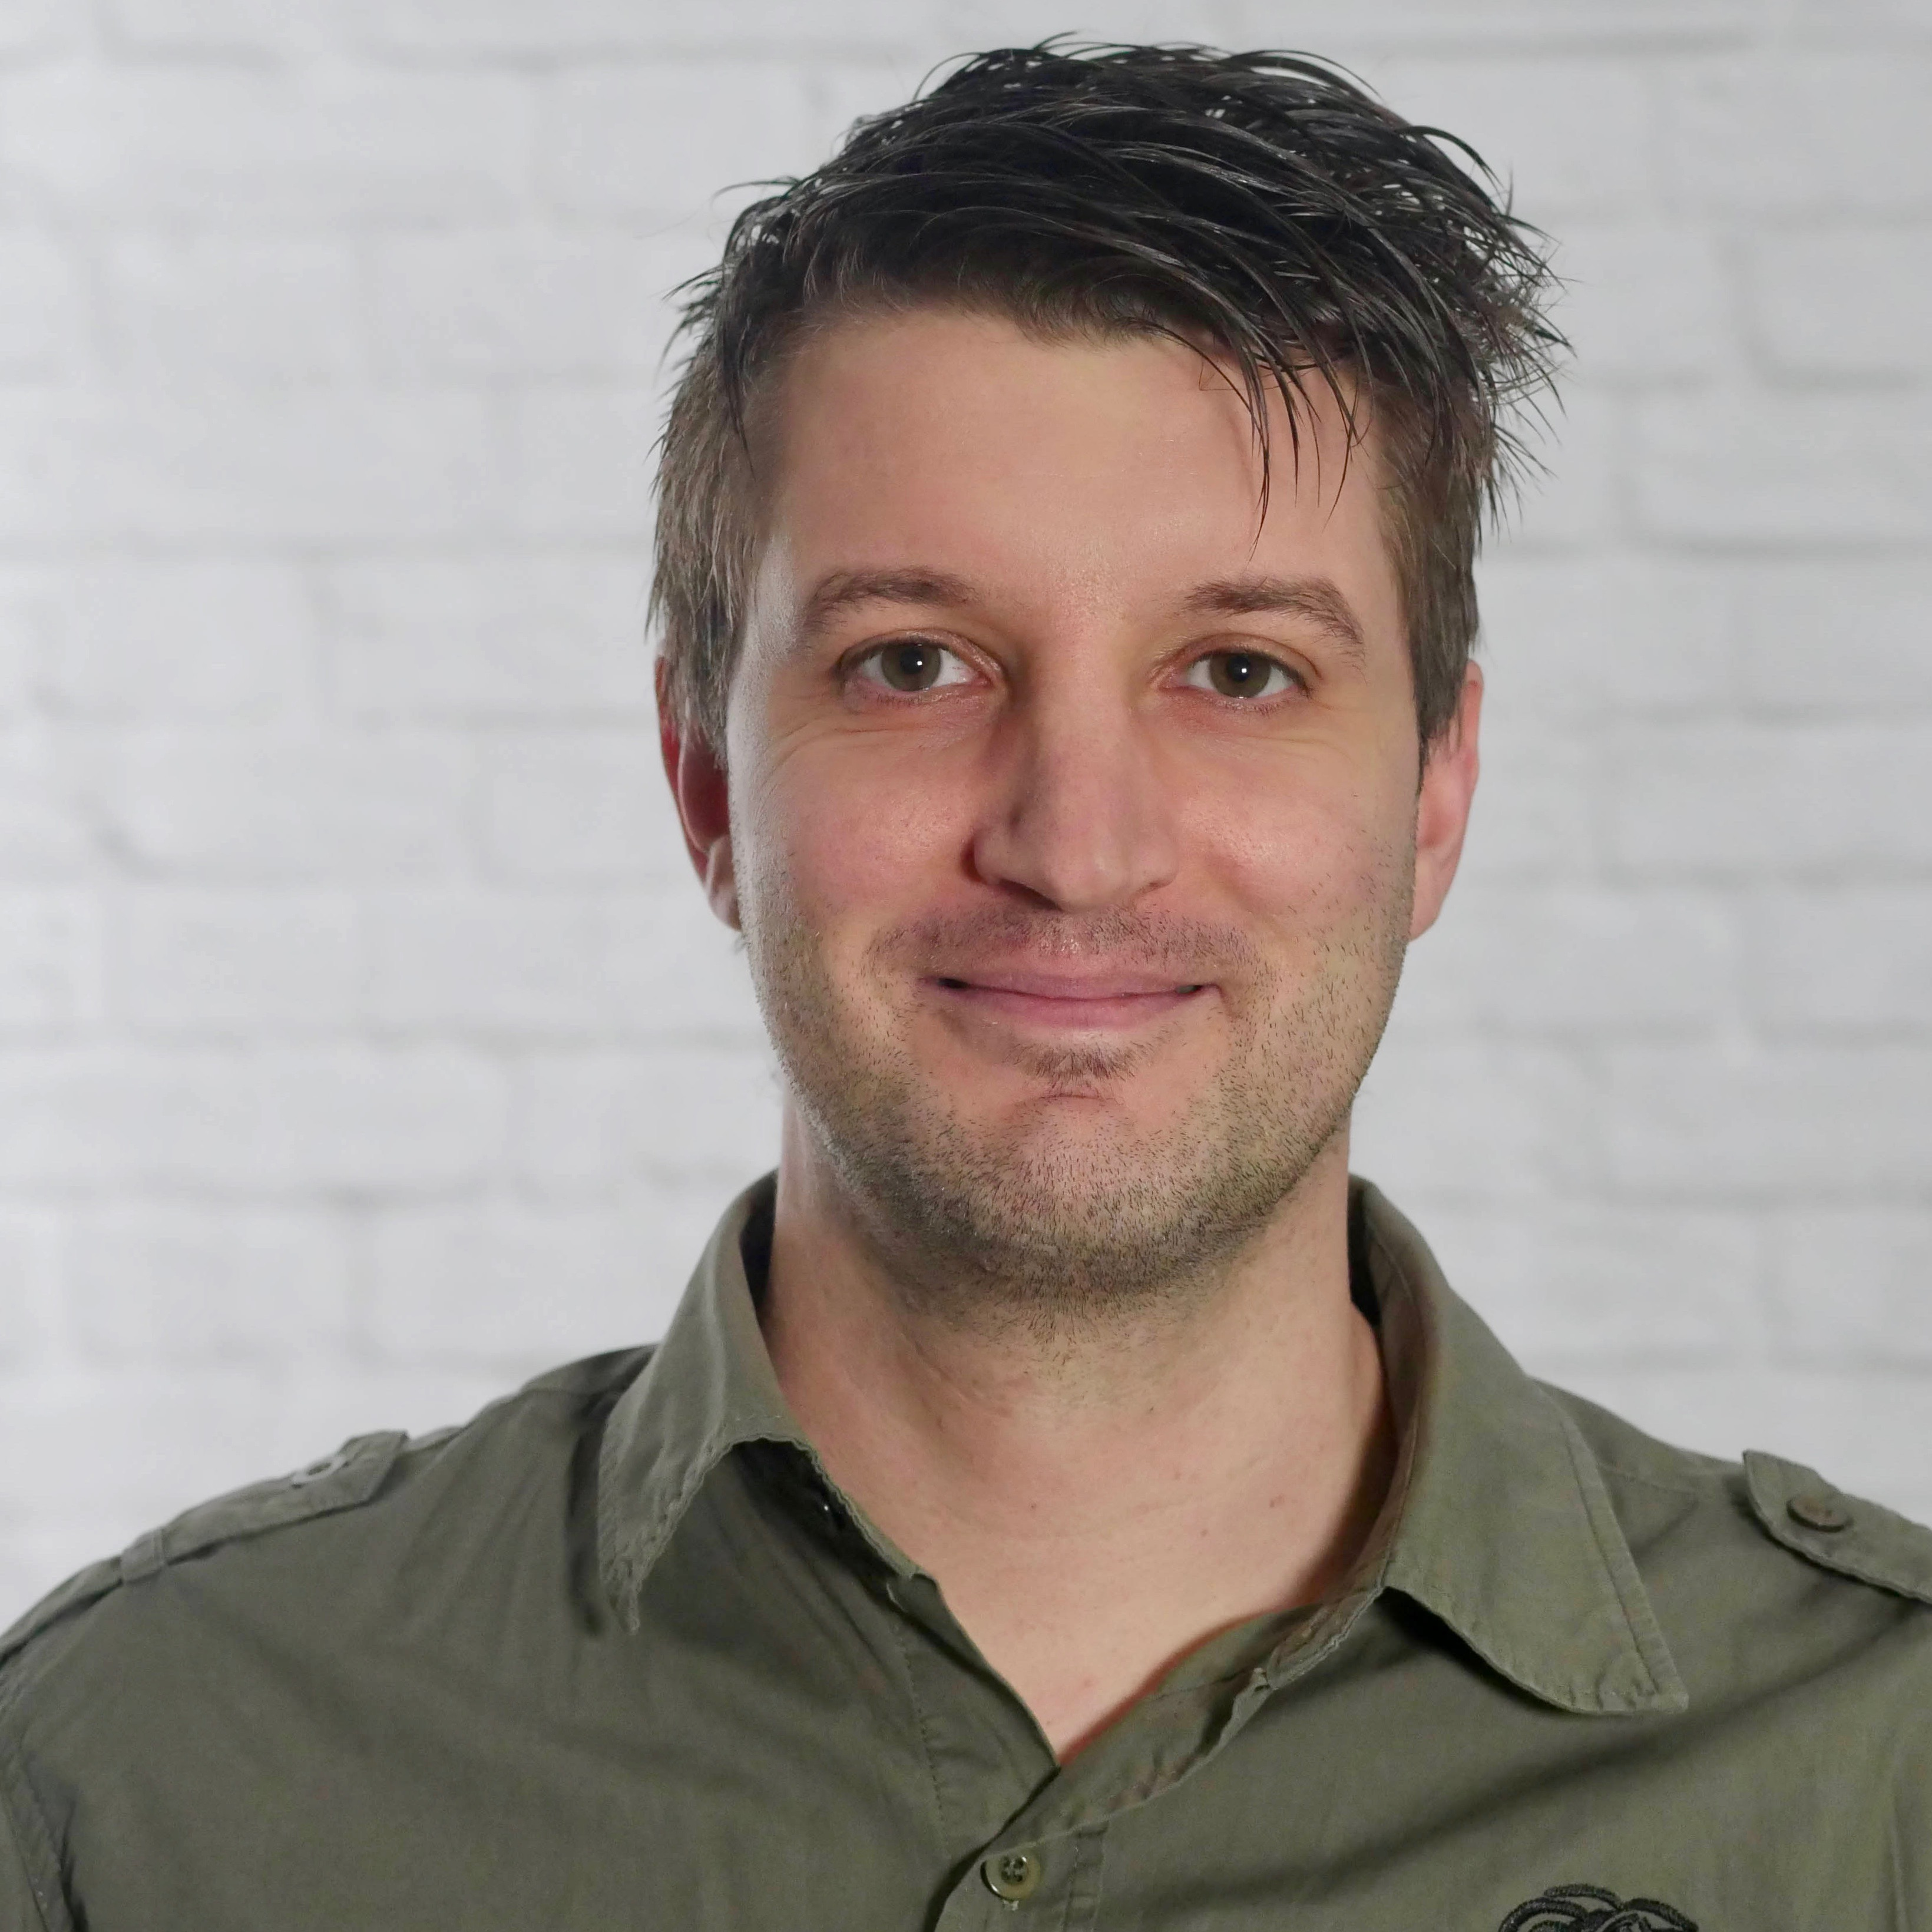 Raphael Hemmerling